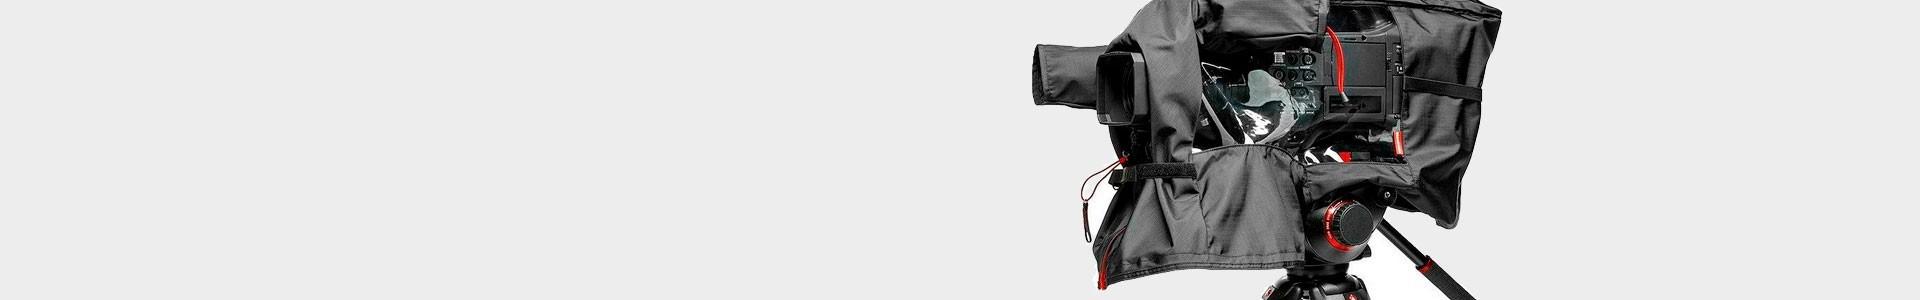 Fundas de lluvia para cualquier tamaño de cámara profesional - Avacab